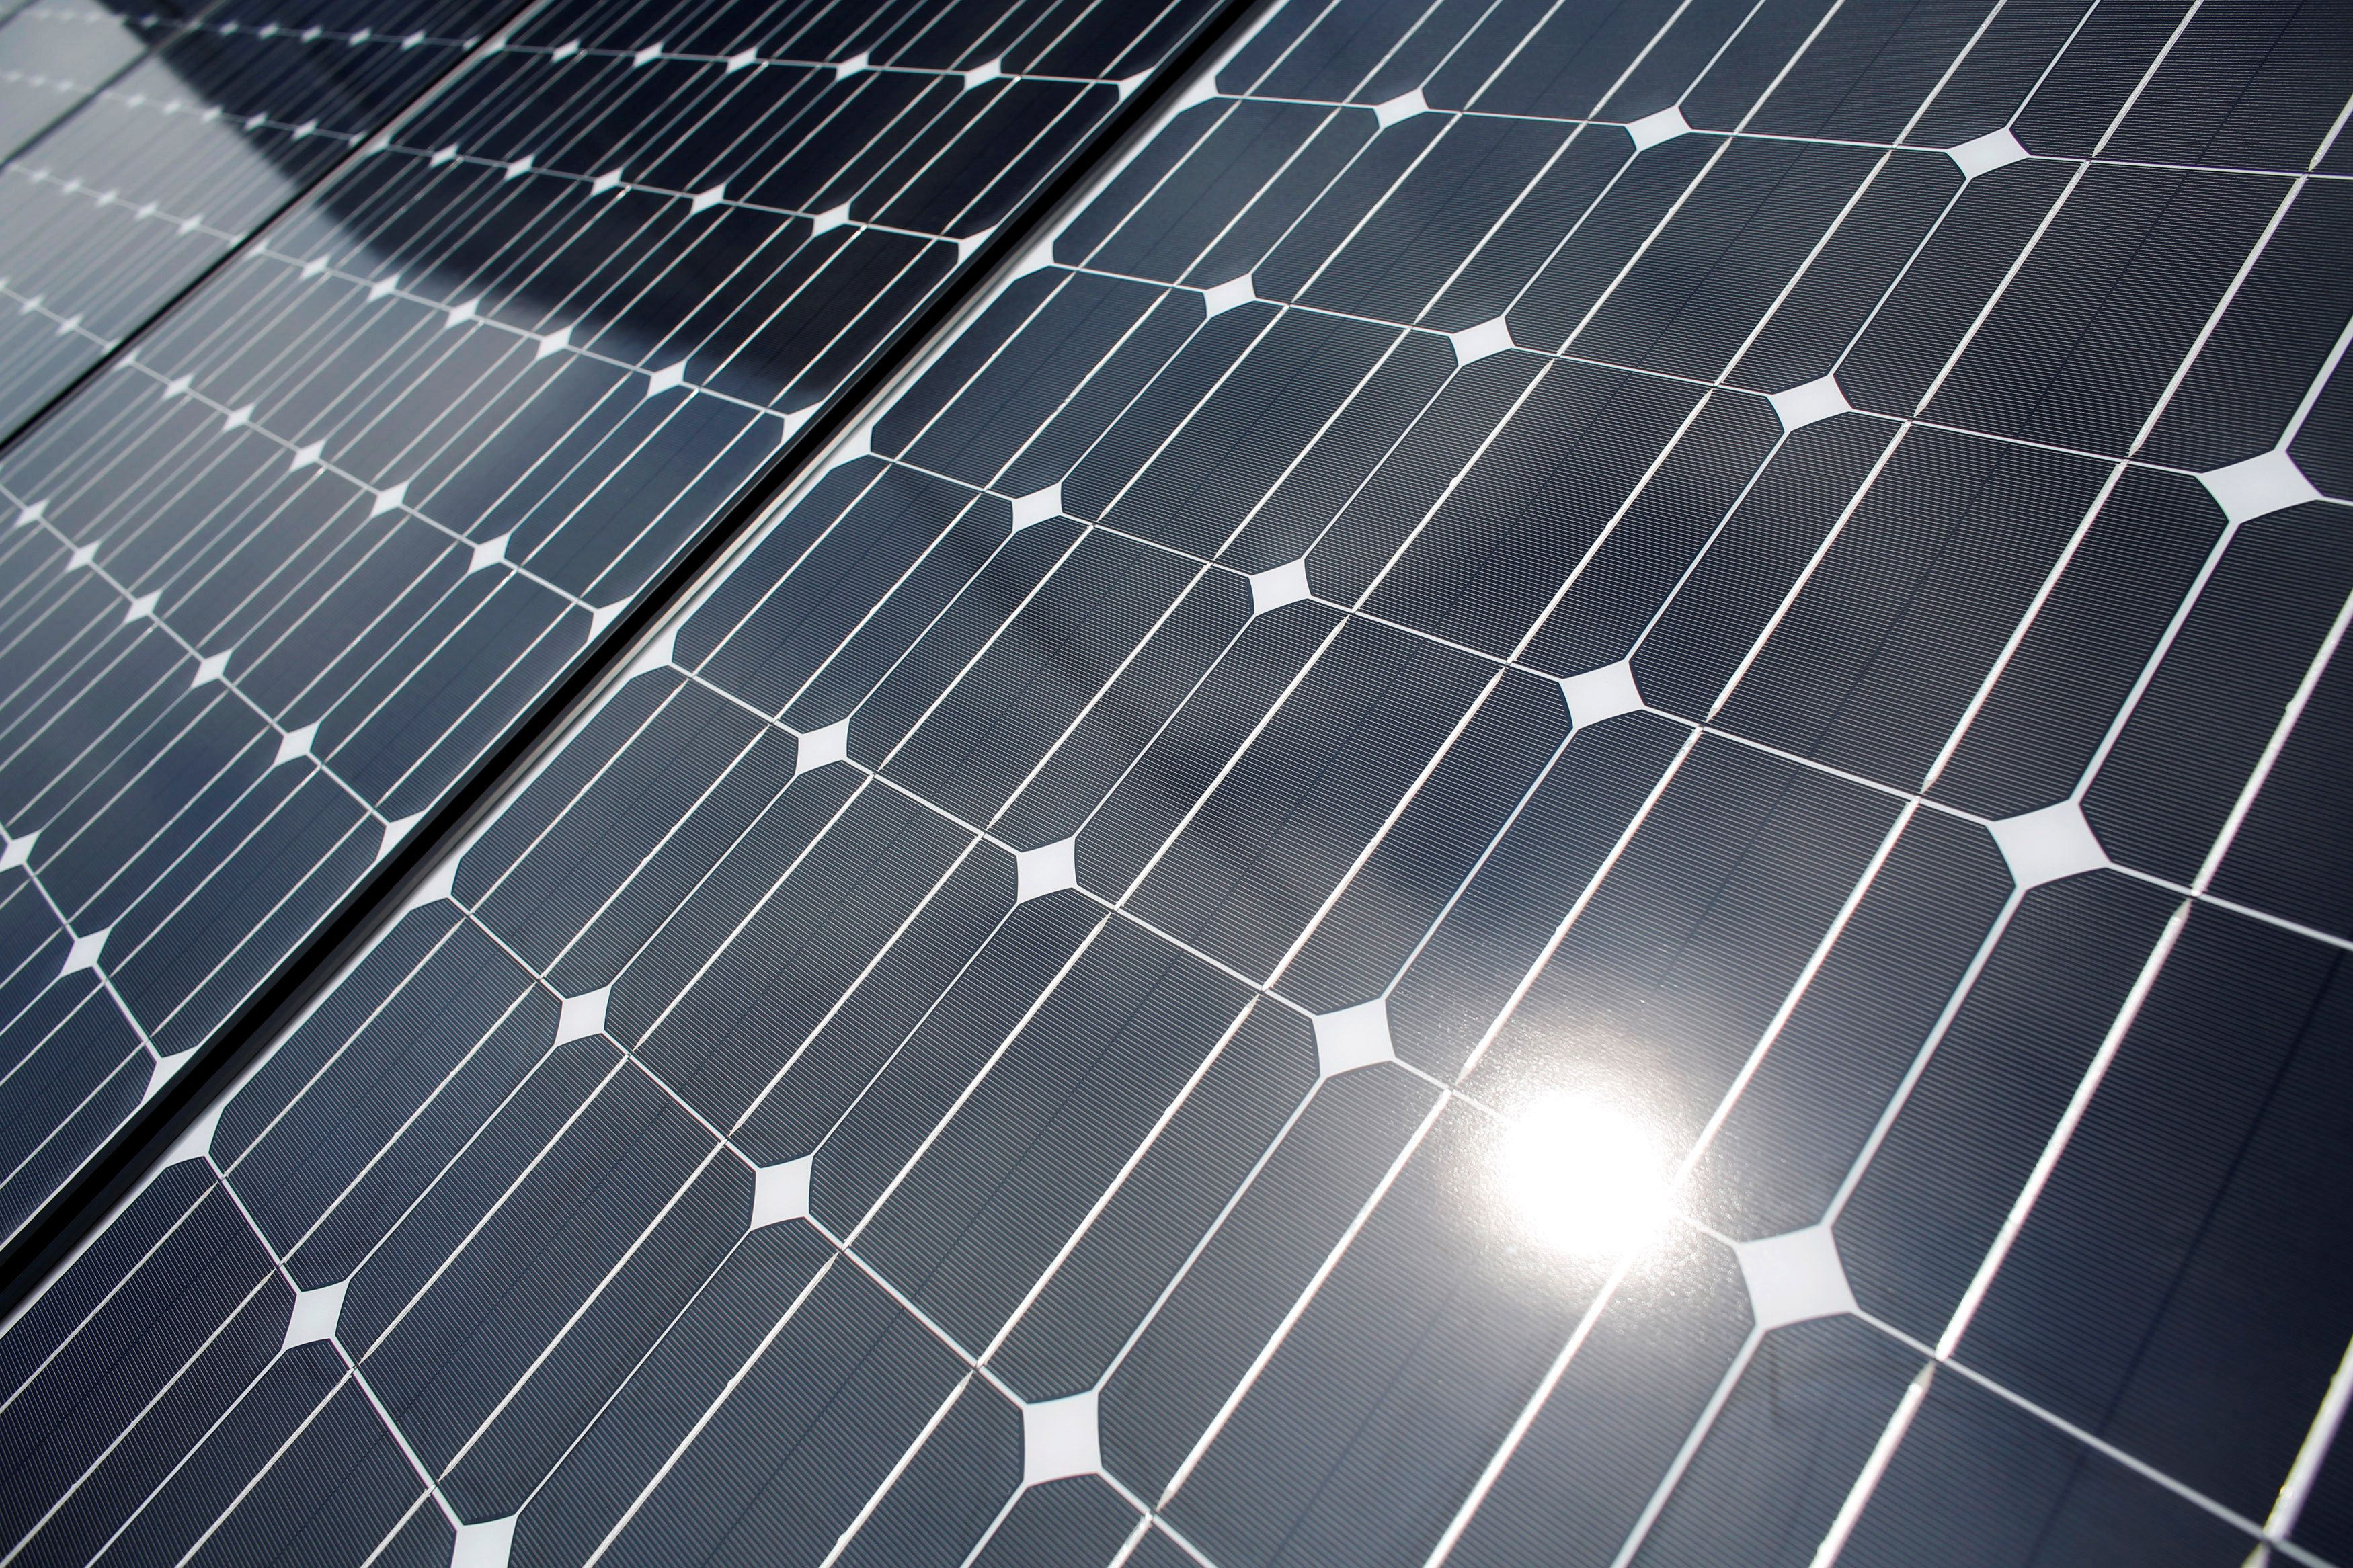 The sun is reflected on a solar panel at a solar power field in Kawasaki, near Tokyo June 13, 2012. REUTERS/Toru Hanai/File Photo